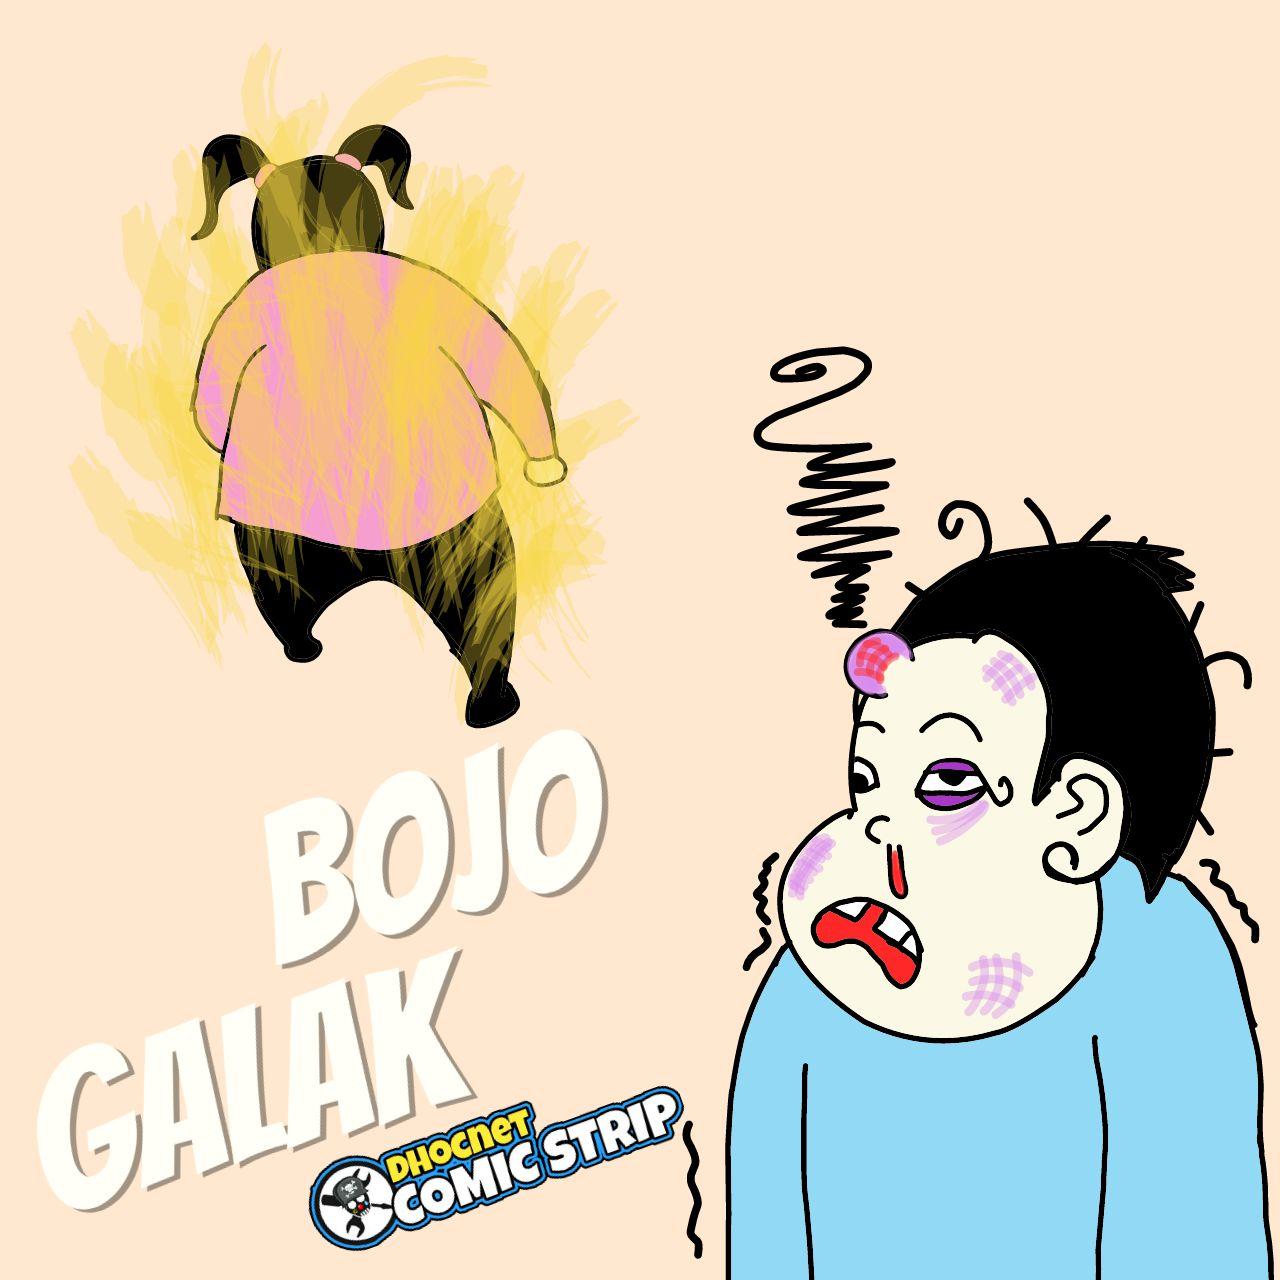 """Baca komik baris """"Bojo Galak"""" oleh @dhocnetcs"""